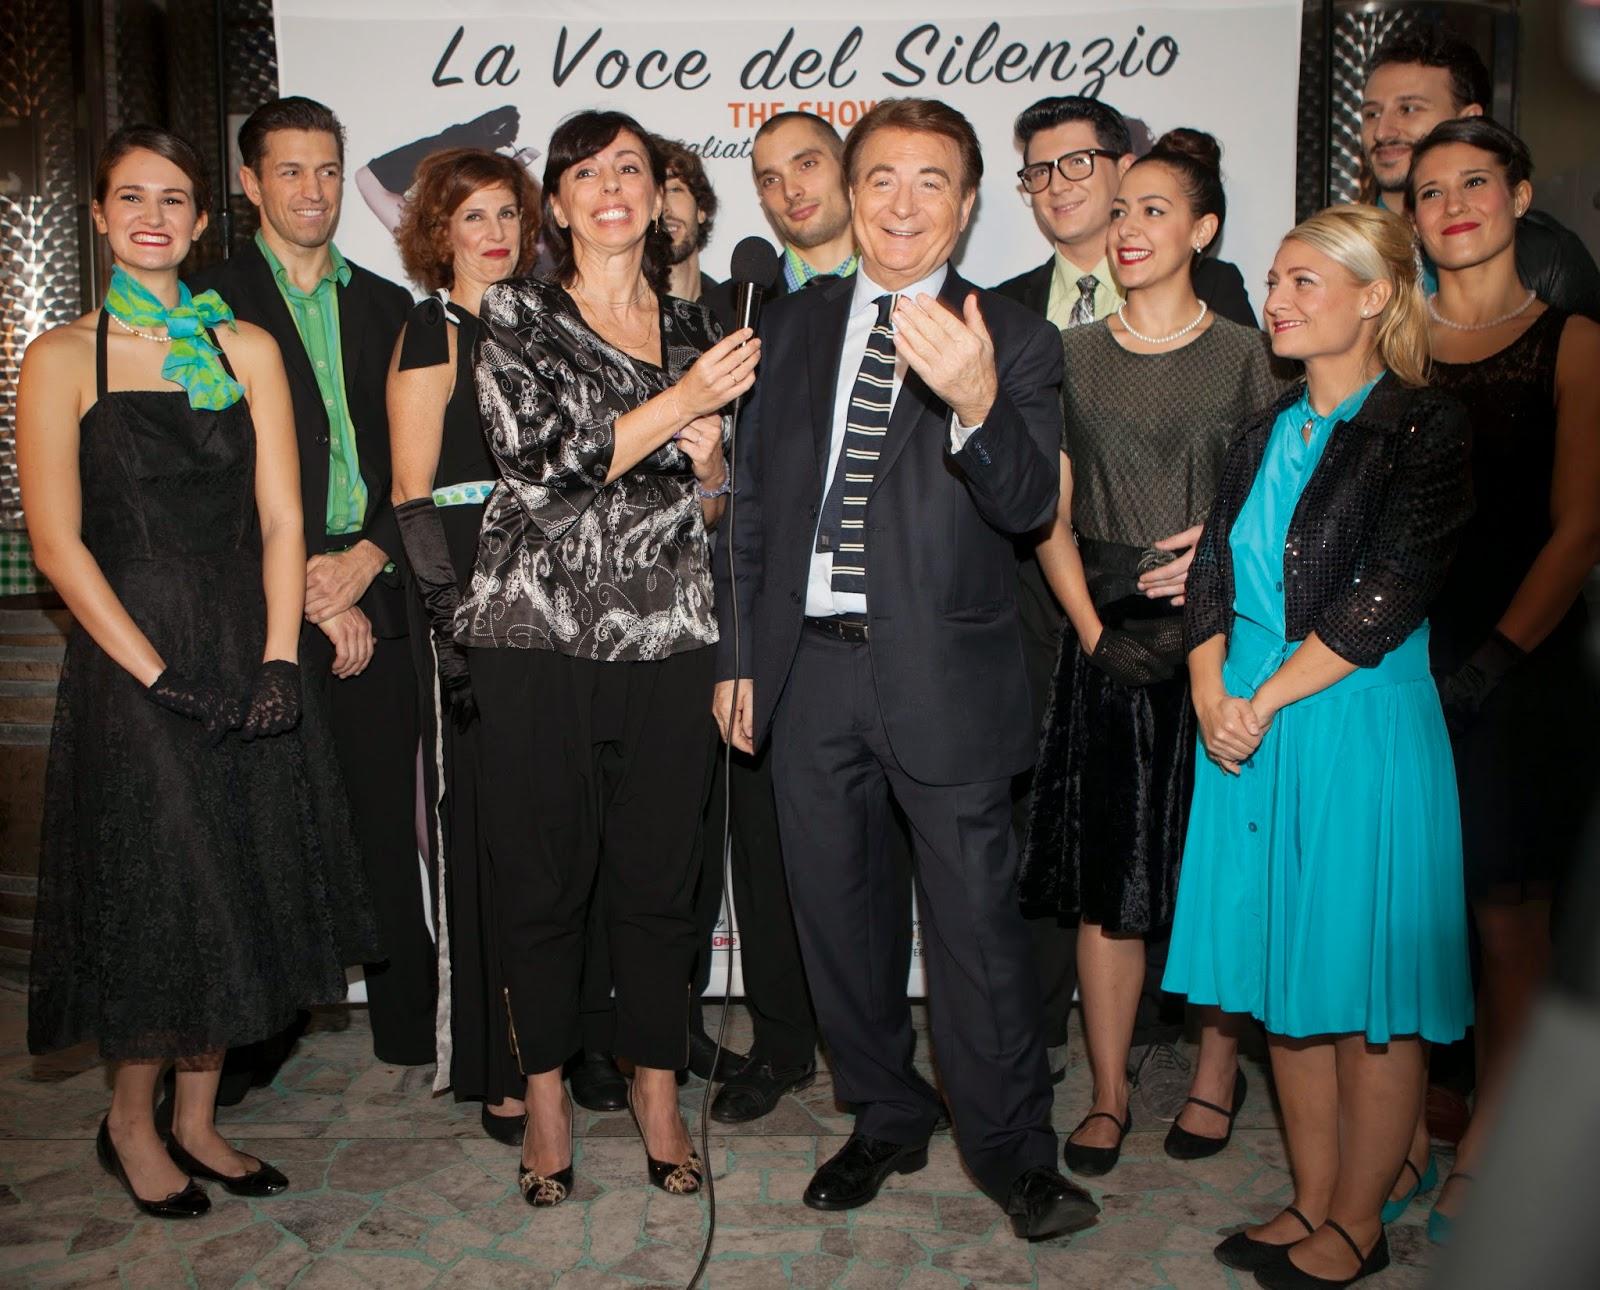 """""""La voce del silenzio"""", oggi al Teatro dell'Elfo Puccini"""